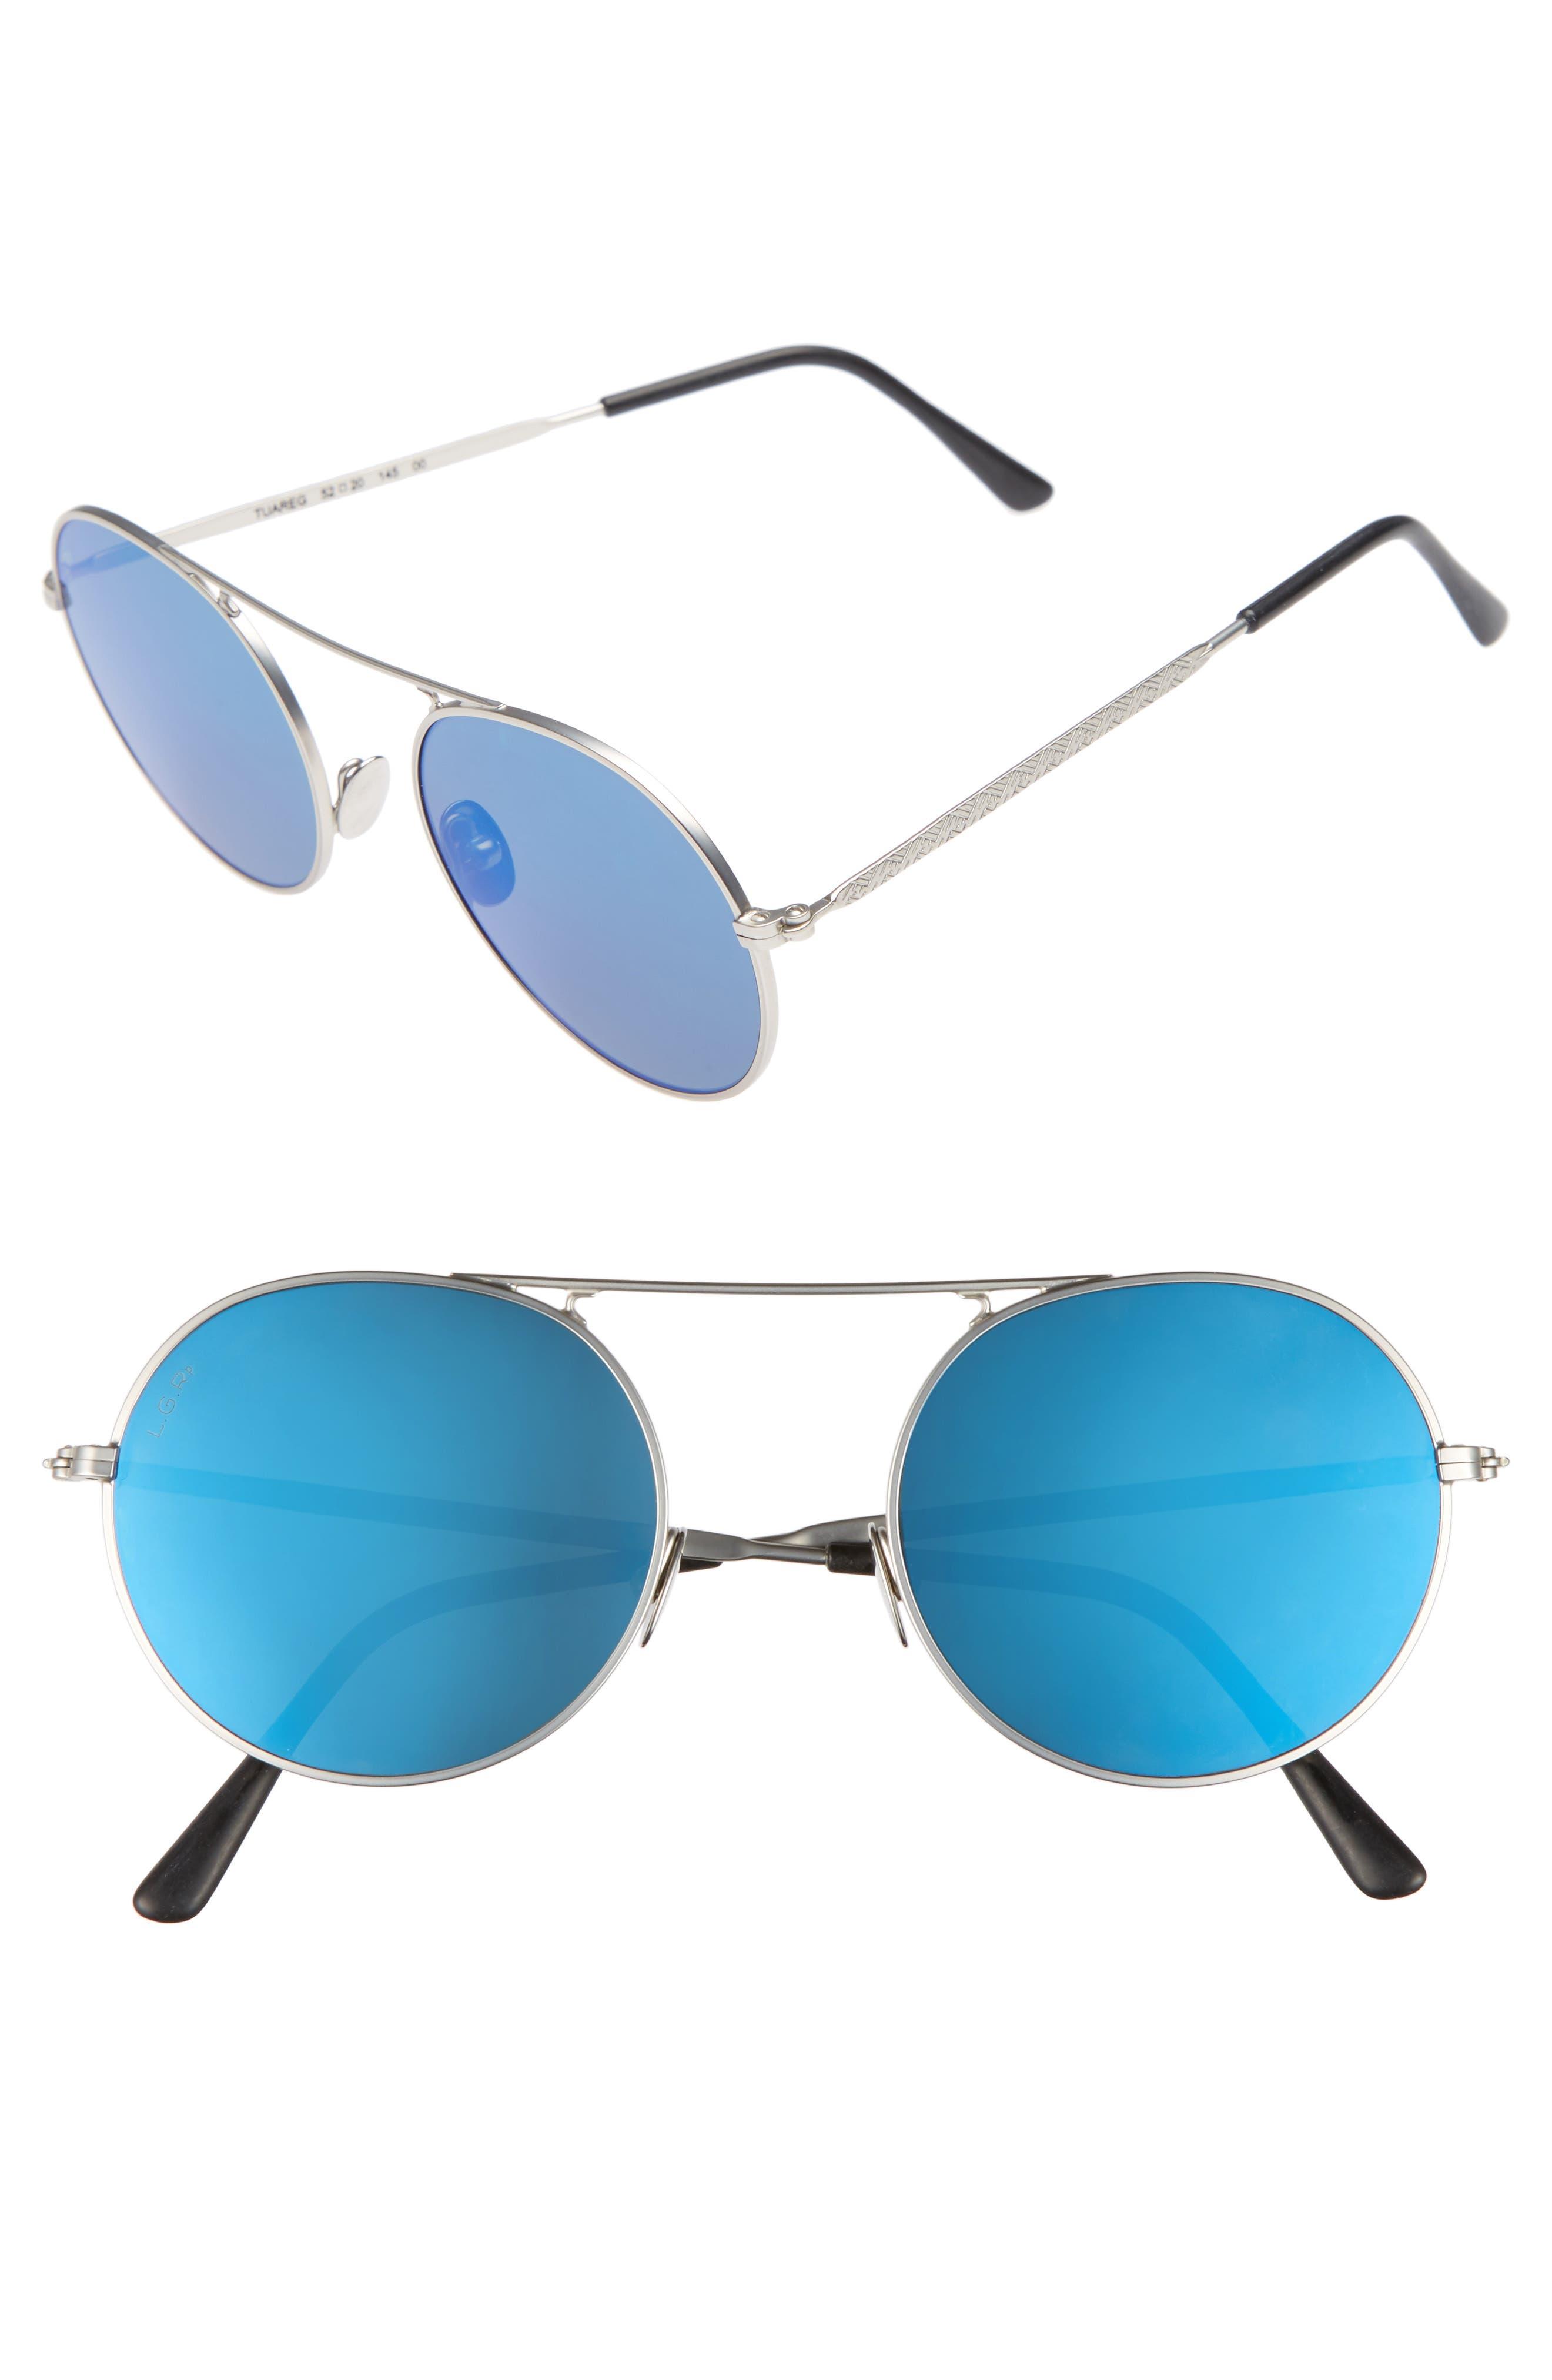 Tuareg 52mm Polarized Sunglasses,                             Main thumbnail 1, color,                             Silver Matte/ Blue Mirror